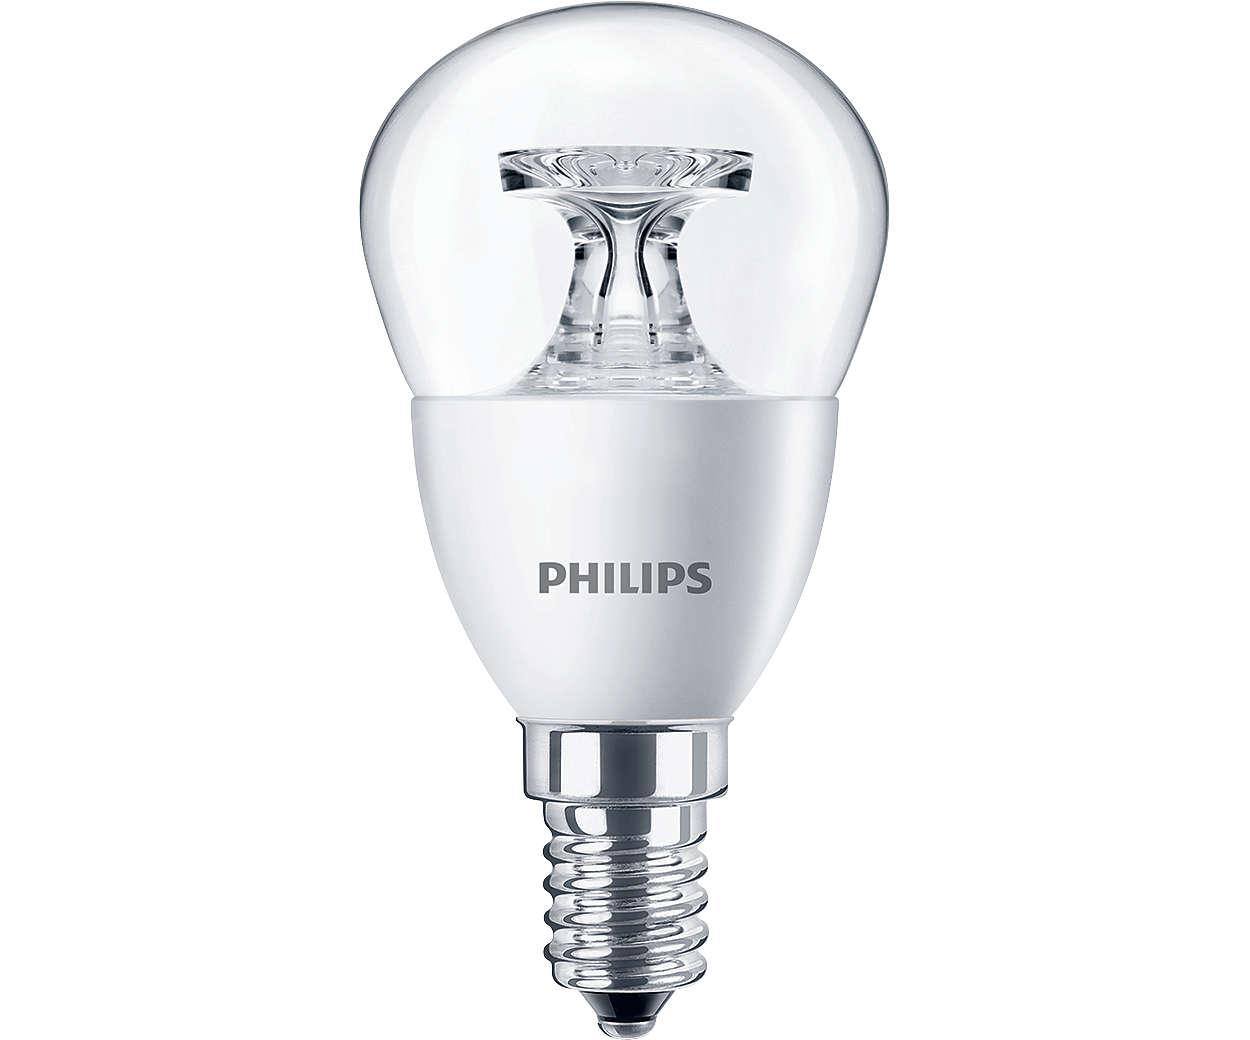 The affordable LEDluster solution